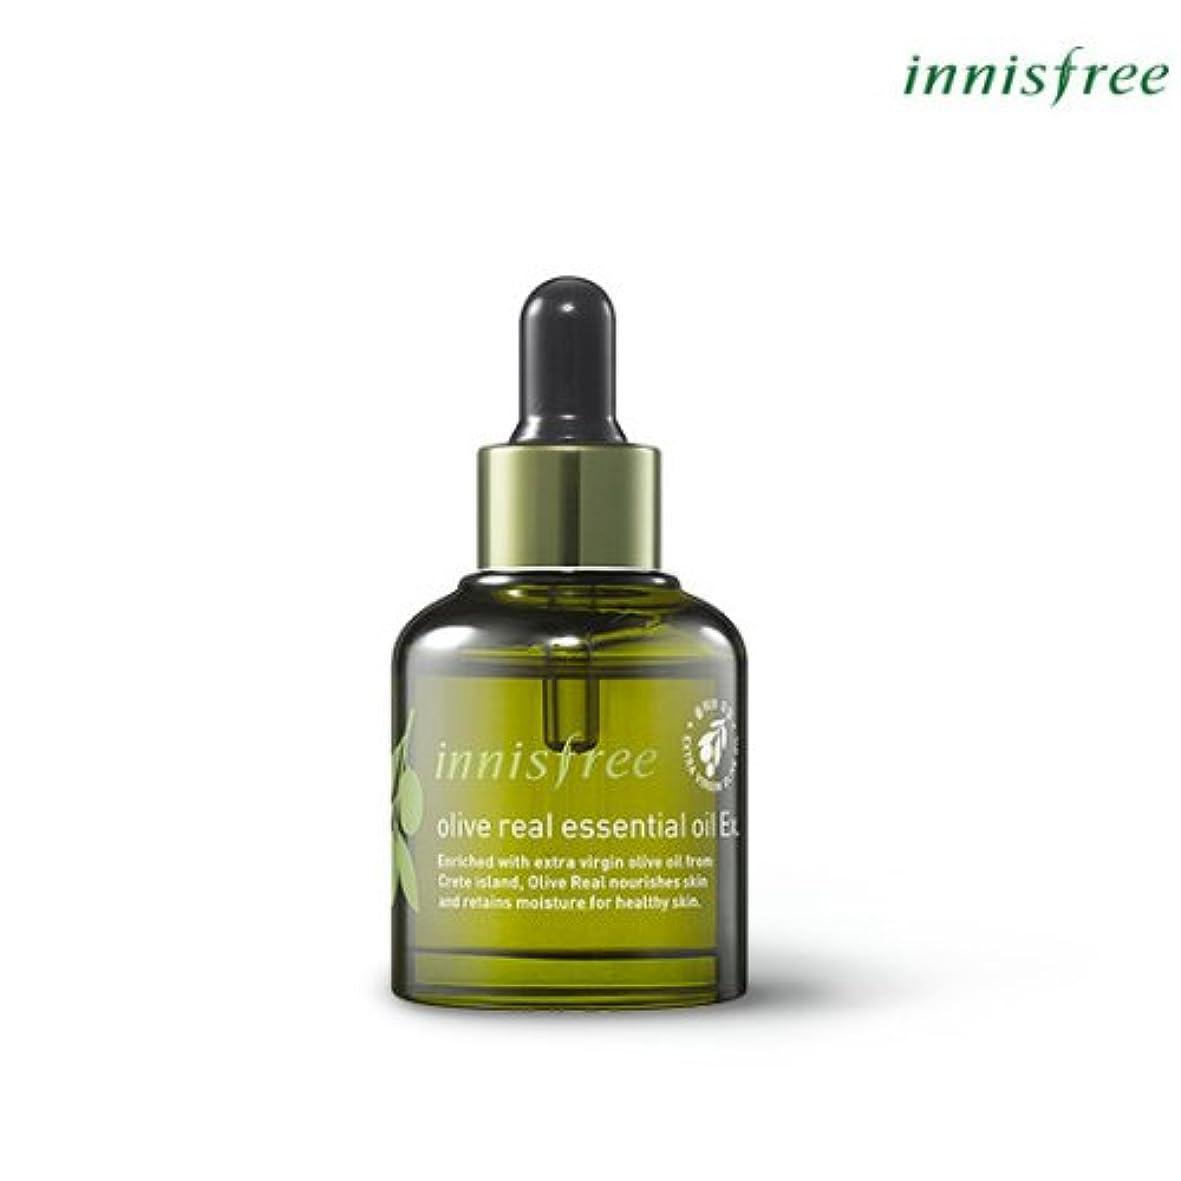 義務付けられたモットー詳細な[INNISFREE]イニスフリーオリーブリアルエッセンシャルオイルEx.30ml olive real essential oil Ex.30ml [並行輸入品]